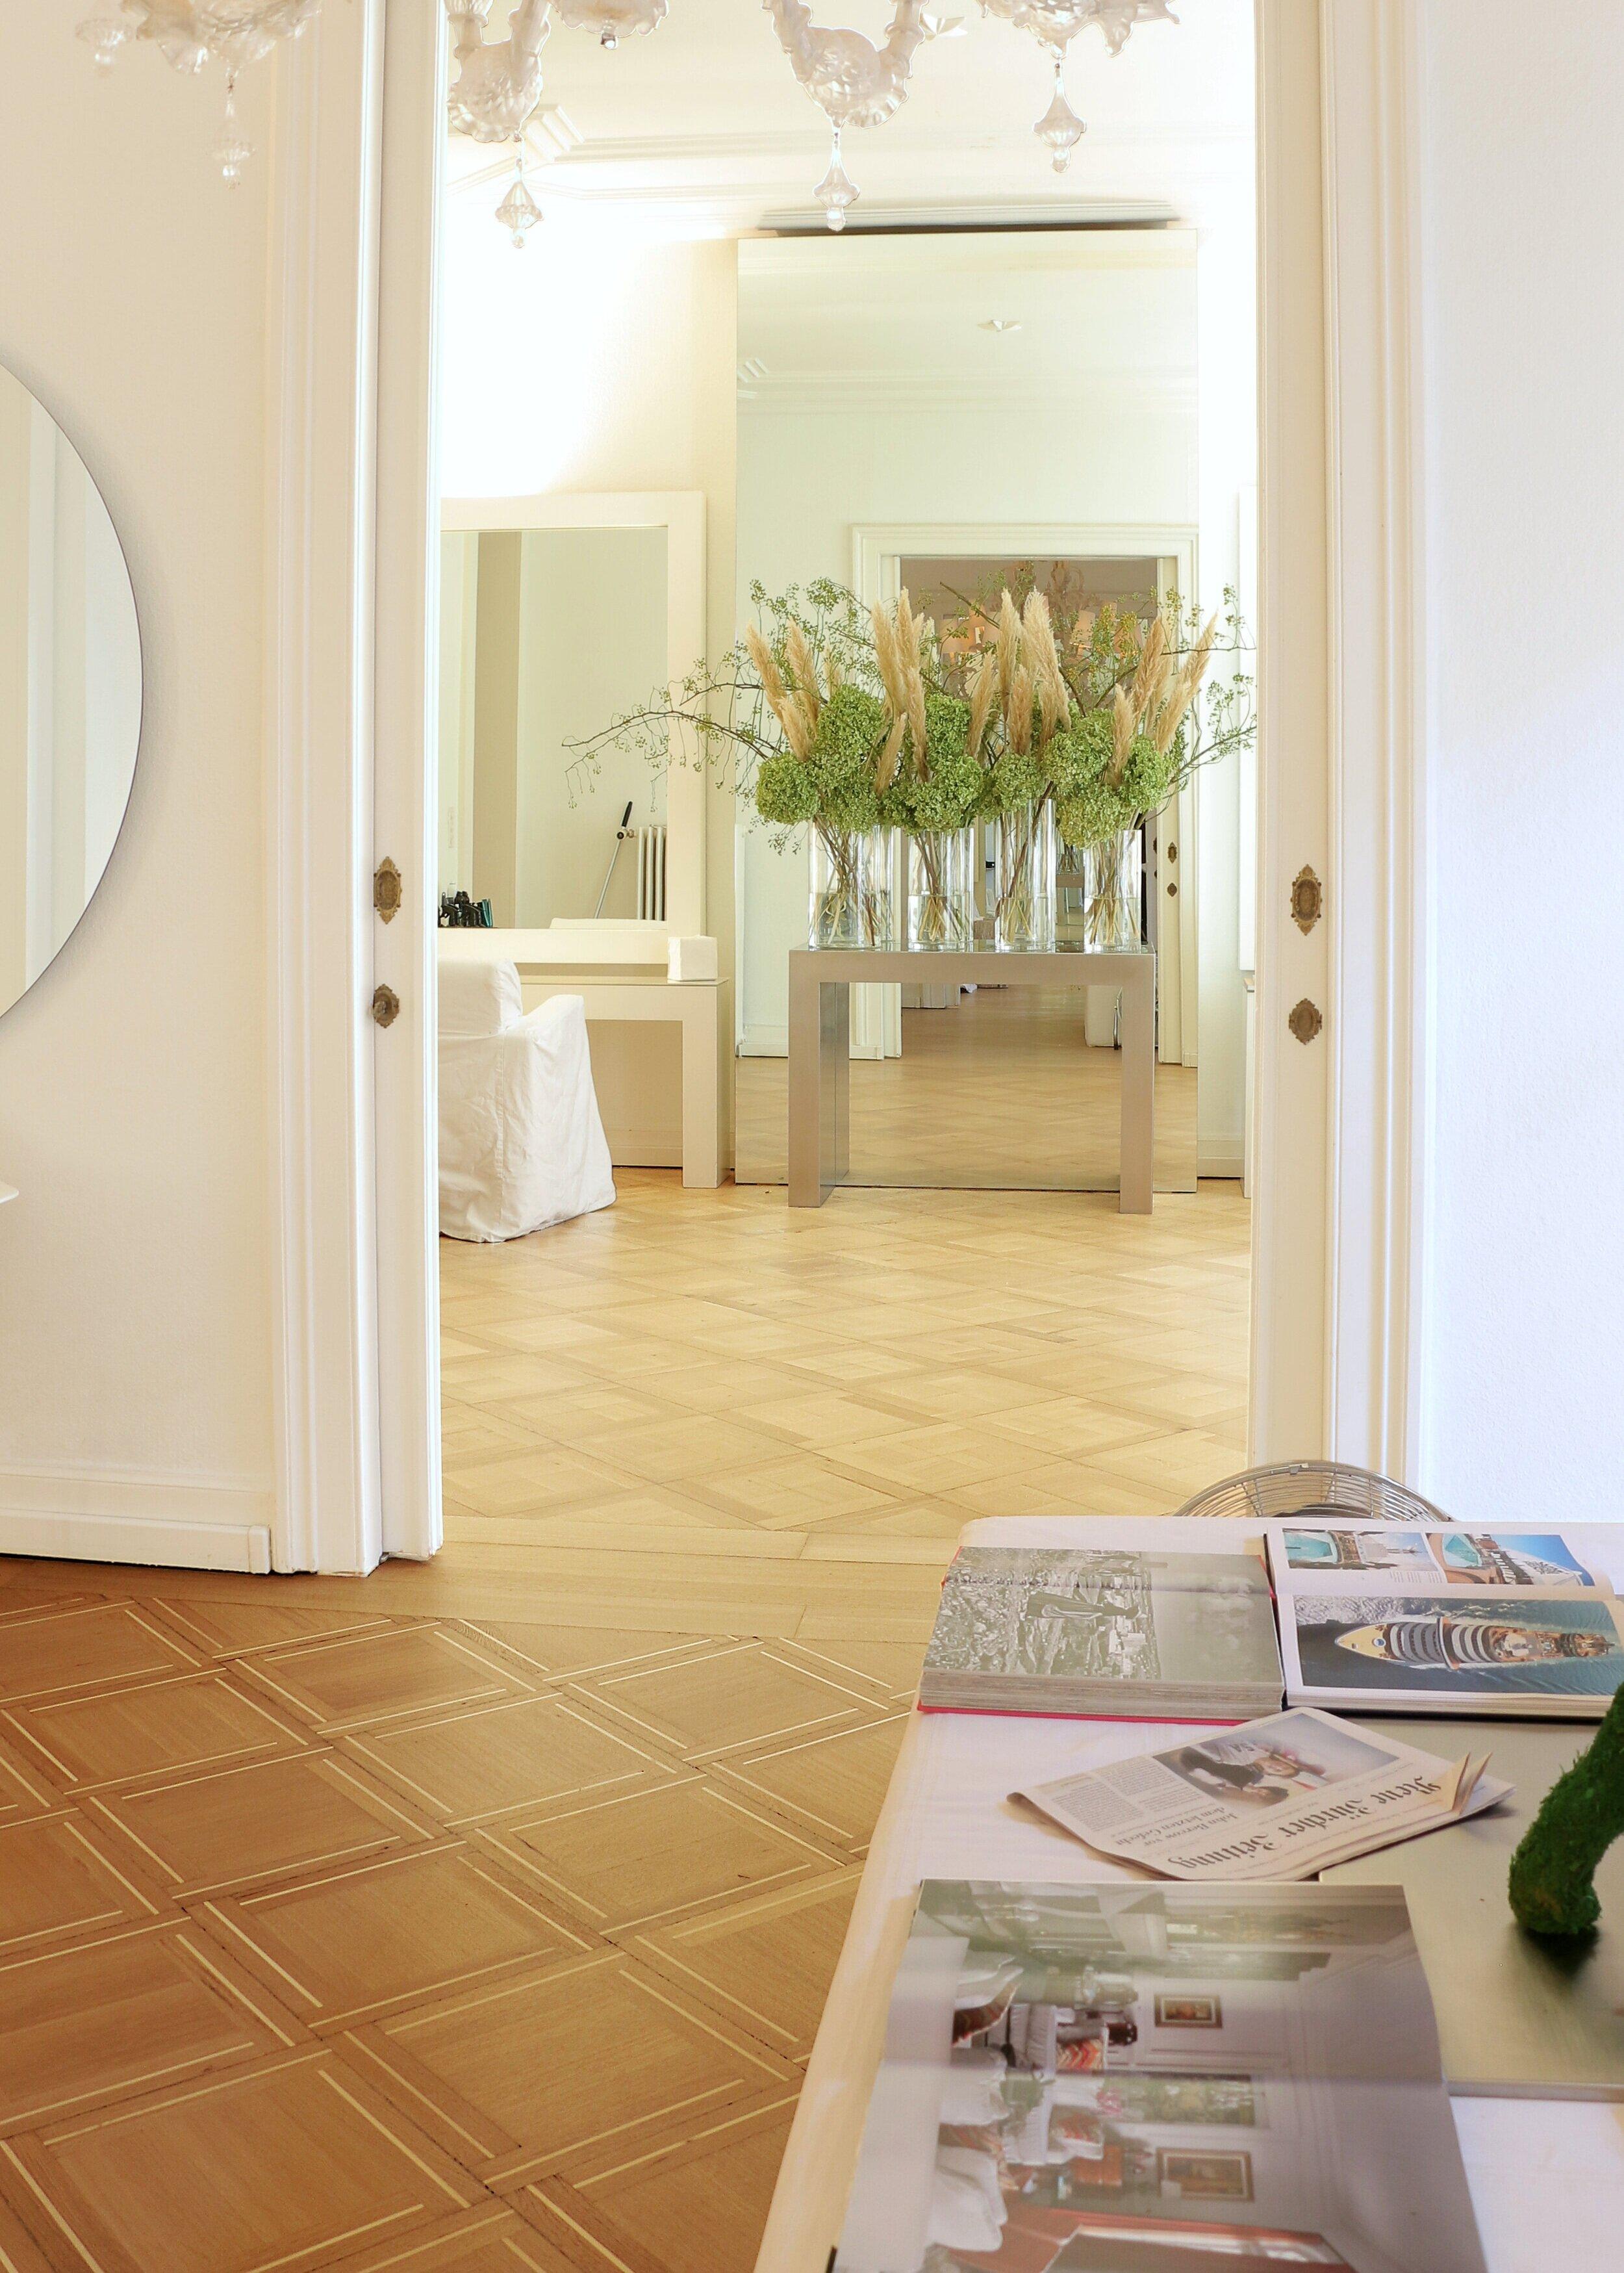 Ryser Boeden Charles Aellen Salon Toedistrasse 2 Dekoration Ambiente Spiegelwand 2019 neu.jpeg